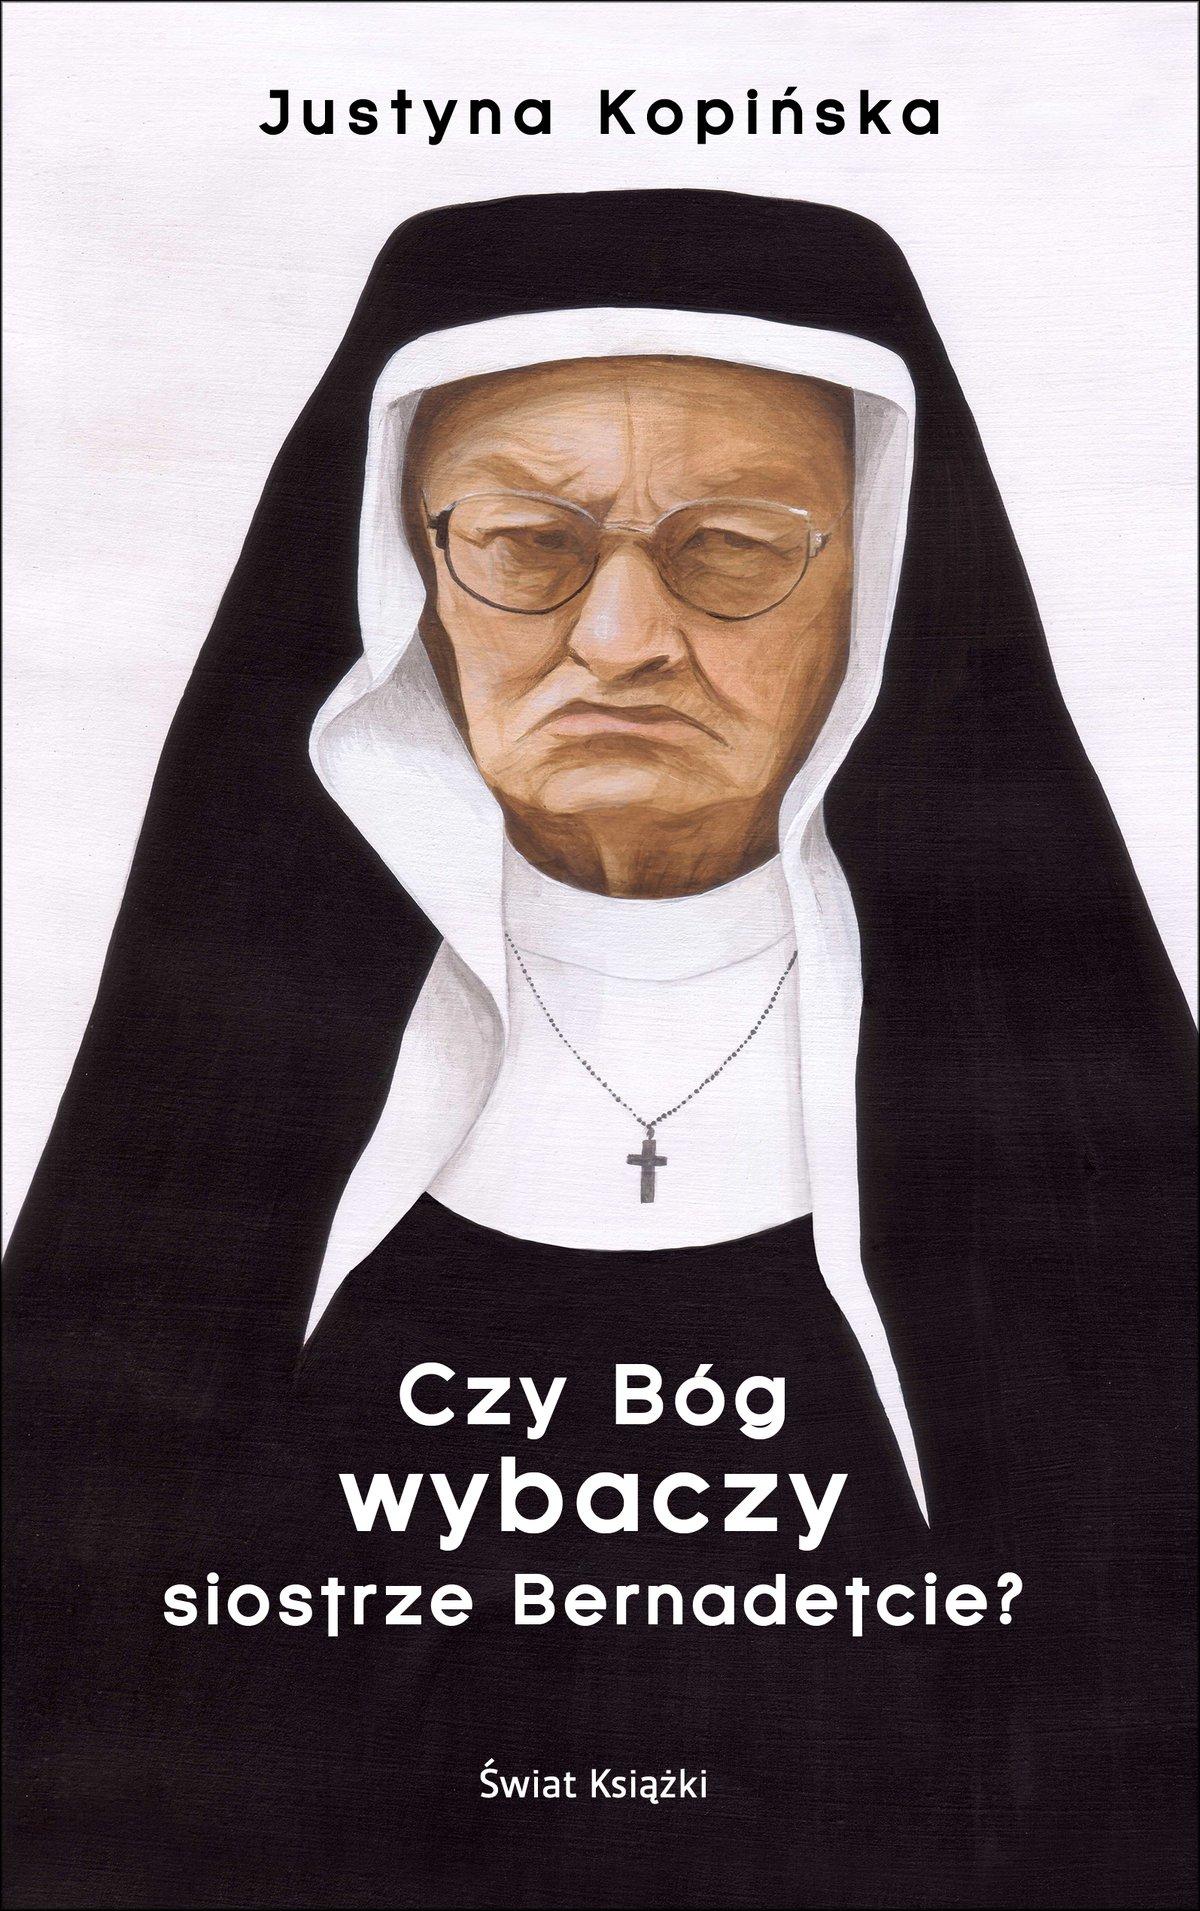 Czy Bóg wybaczy siostrze Bernadetcie? - Ebook (Książka EPUB) do pobrania w formacie EPUB